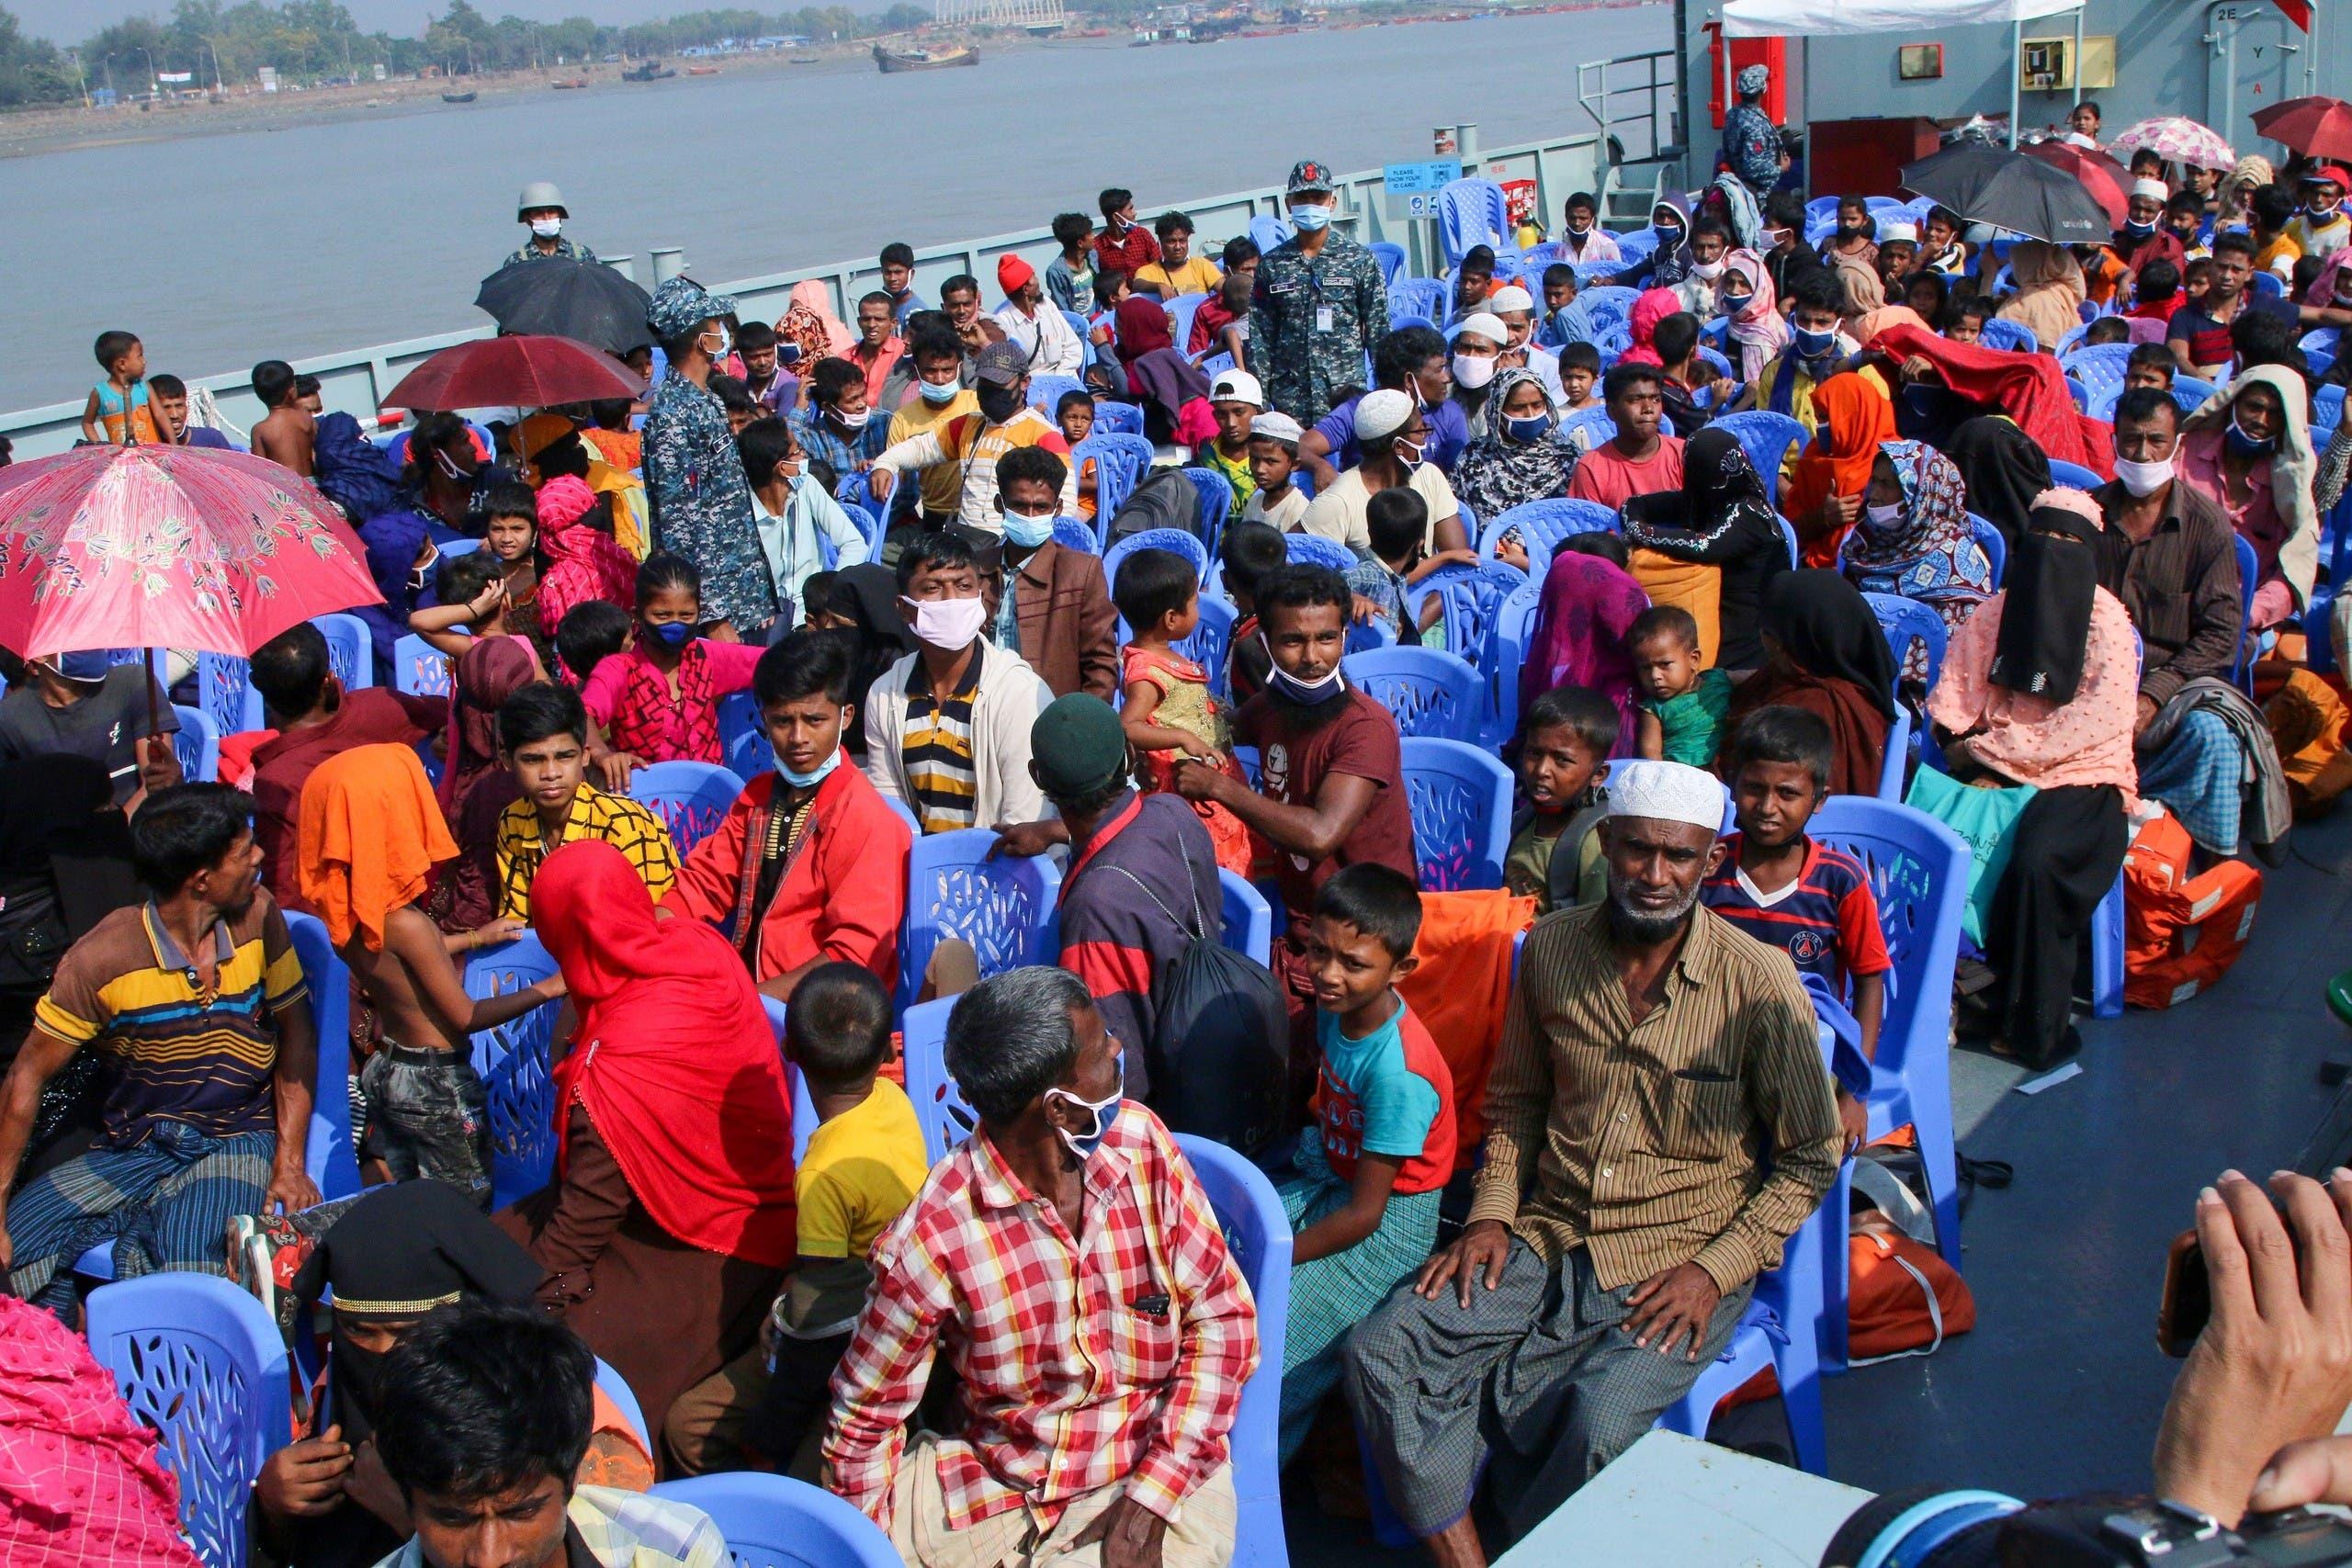 انتقال برخی از پناهندگان روهینگیا به بنگلادش در یک جزیره دور افتاده